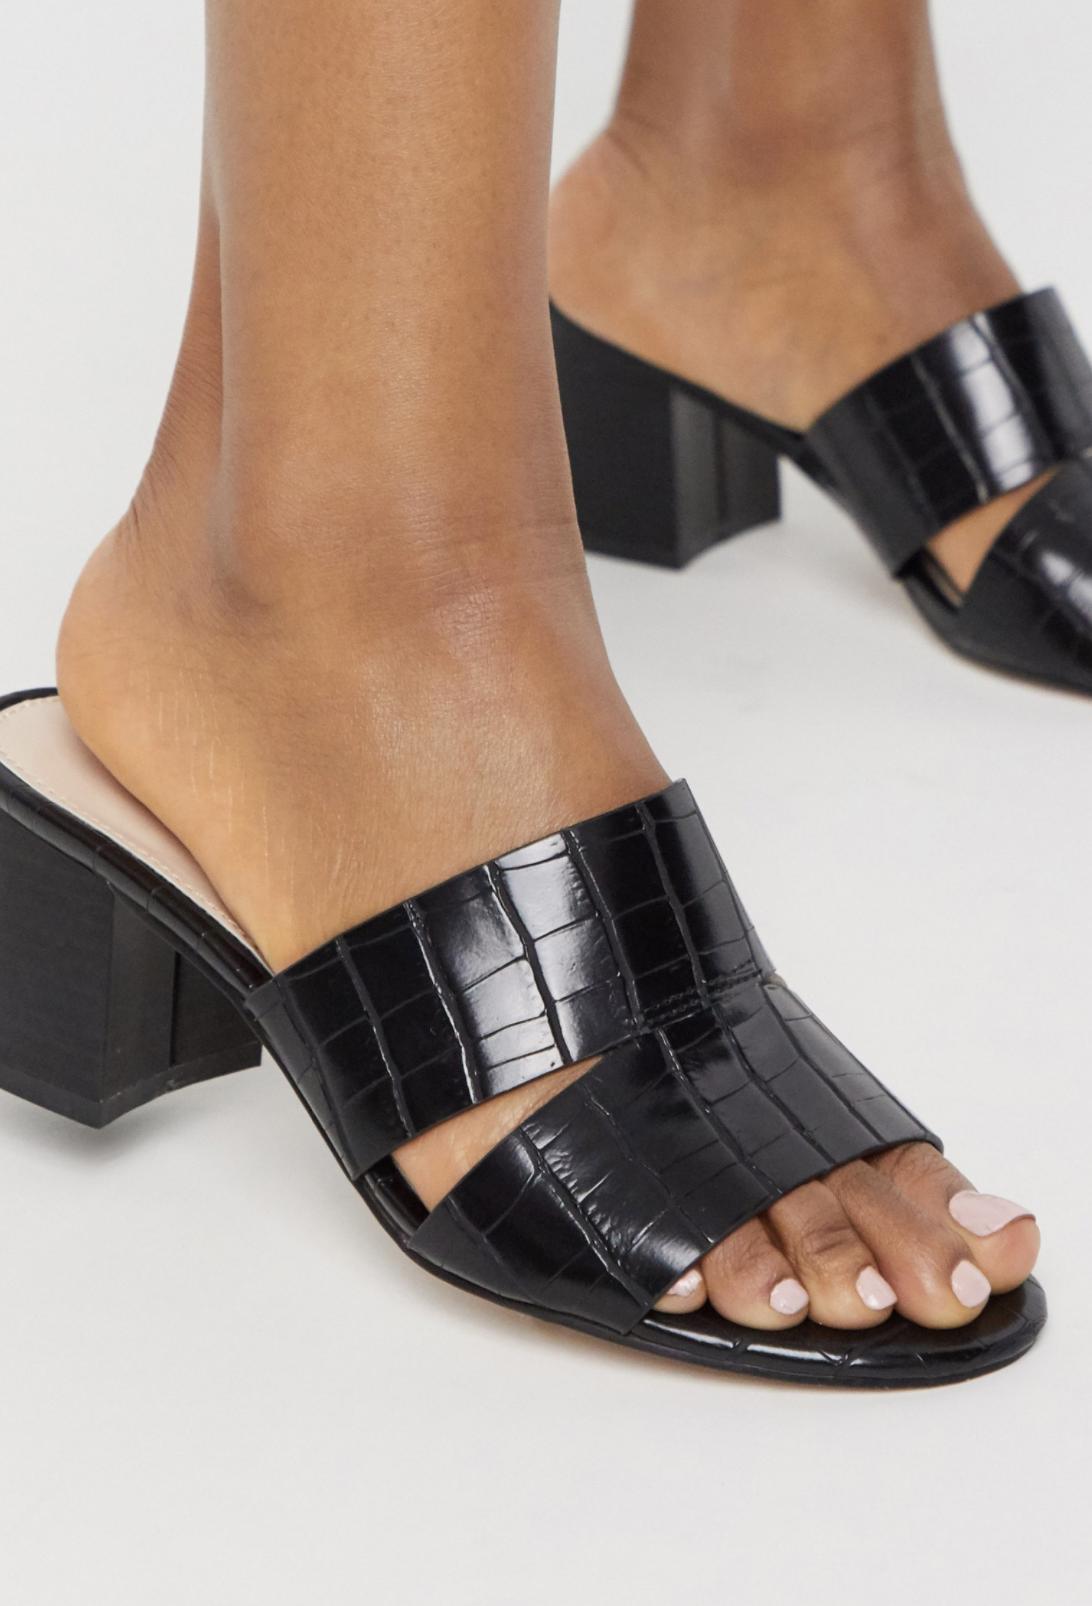 Sandalias de tacón cuadrado estilo mule en negro cocodrilo Lilt de Carvela